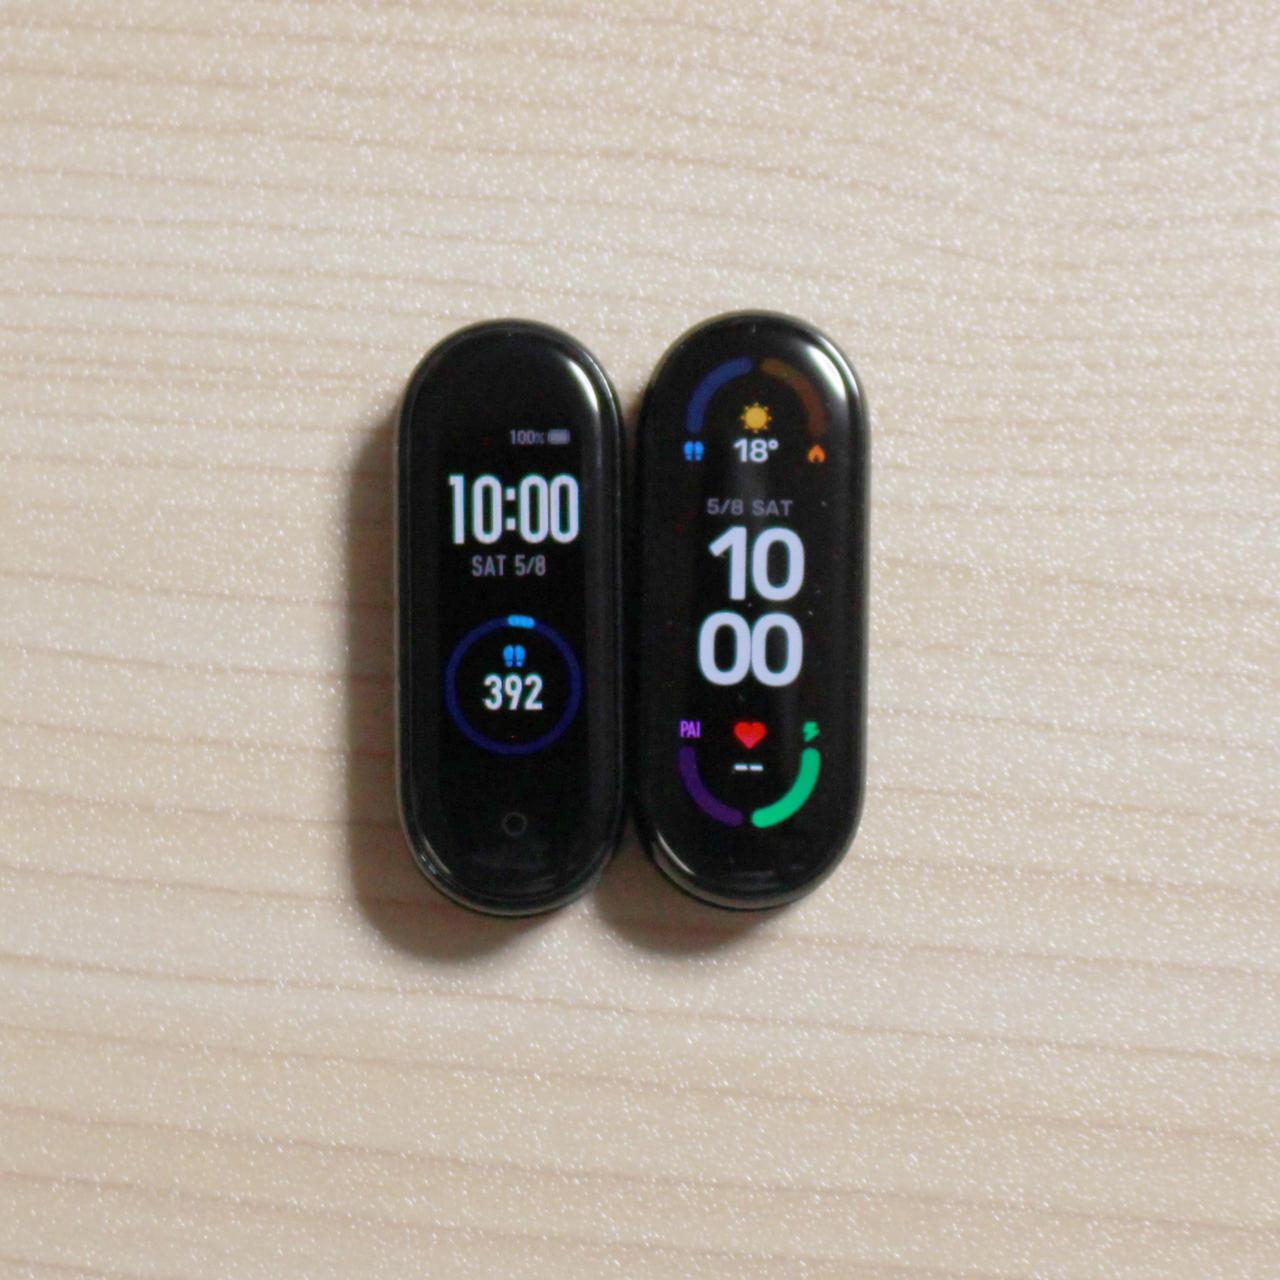 Mi Smart Band 6は全画面化で5よりさらに大画面化